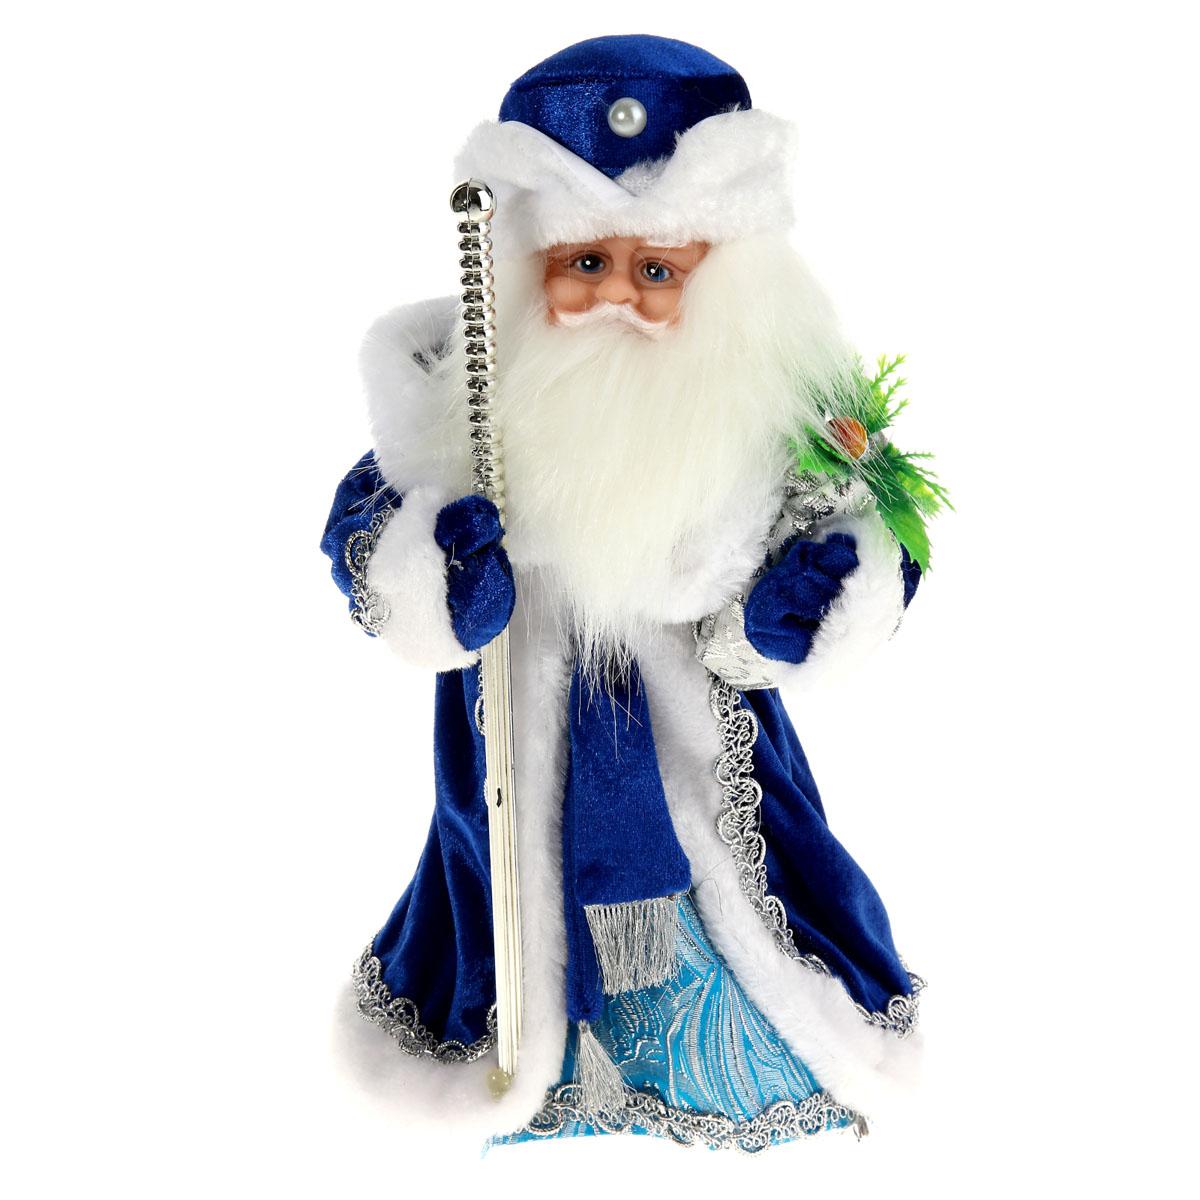 Новогодняя декоративная фигурка Sima-land Дед Мороз, анимированная, высота 28 см. 827839827839Новогодняя декоративная фигурка Деда Мороза выполнена из высококачественного пластика. Дед Мороз одет в шубу с опушкой, украшенную тесьмой и варежки. На голове - шапка в цвет шубы. В одной руке Дед Мороз держит посох, а в другой мешок - с подарками. Игрушка стоит на пластиковой подставке. Особенностью фигурки является наличие механизма, при включении которого играет мелодия, а голова и руки куклы начинают двигаться. Его добрый вид и очаровательная улыбка притягивают к себе восторженные взгляды. Декоративная фигурка Дед Мороз подойдет для оформления новогоднего интерьера и принесет с собой атмосферу радости и веселья. УВАЖАЕМЫЕ КЛИЕНТЫ! Обращаем ваше внимание на тот факт, что декоративная фигурка работает от трех батареек типа АА напряжением 1,5 В. Батарейки в комплект не входят.